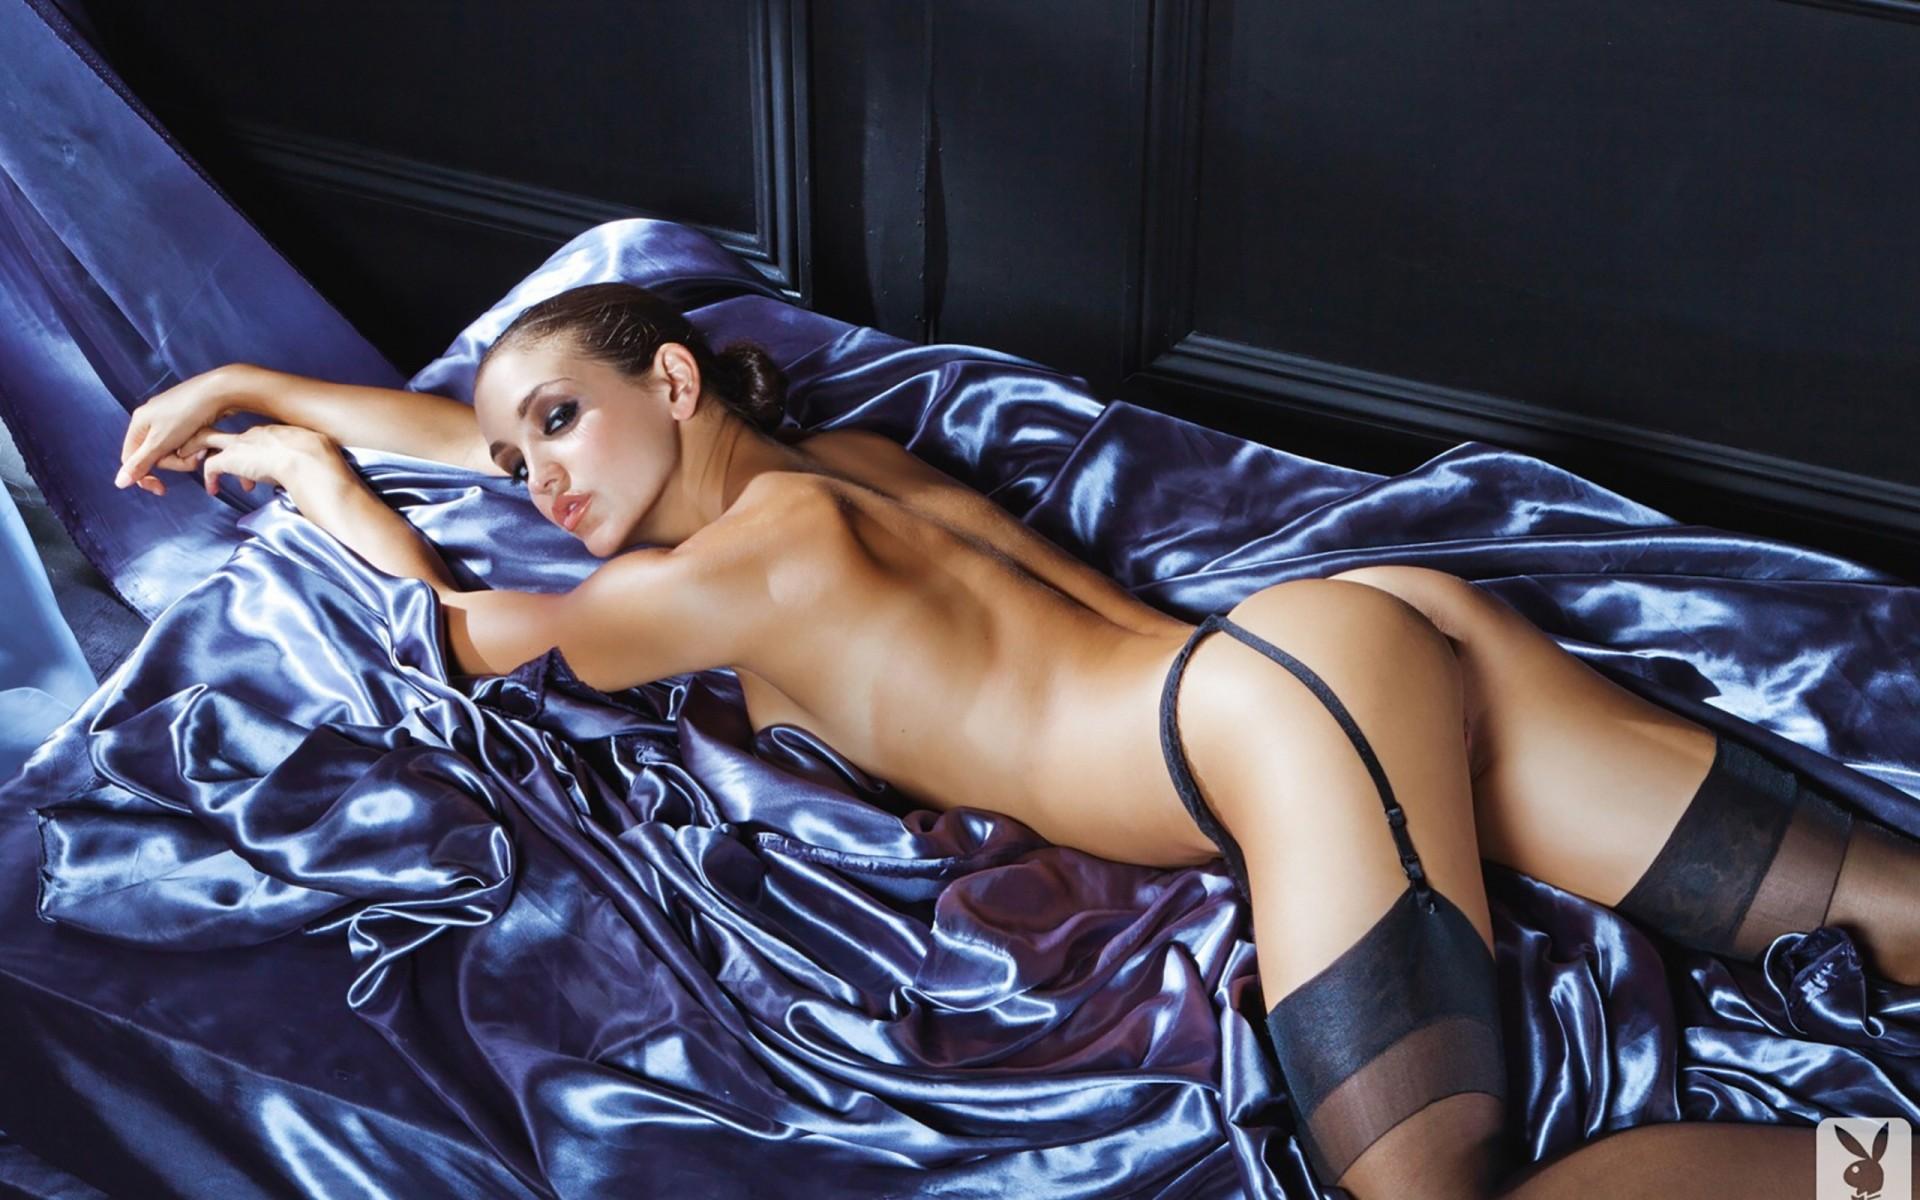 Эротические модели фото сеты, Голые модели - красивые обнаженные модели на фото 22 фотография